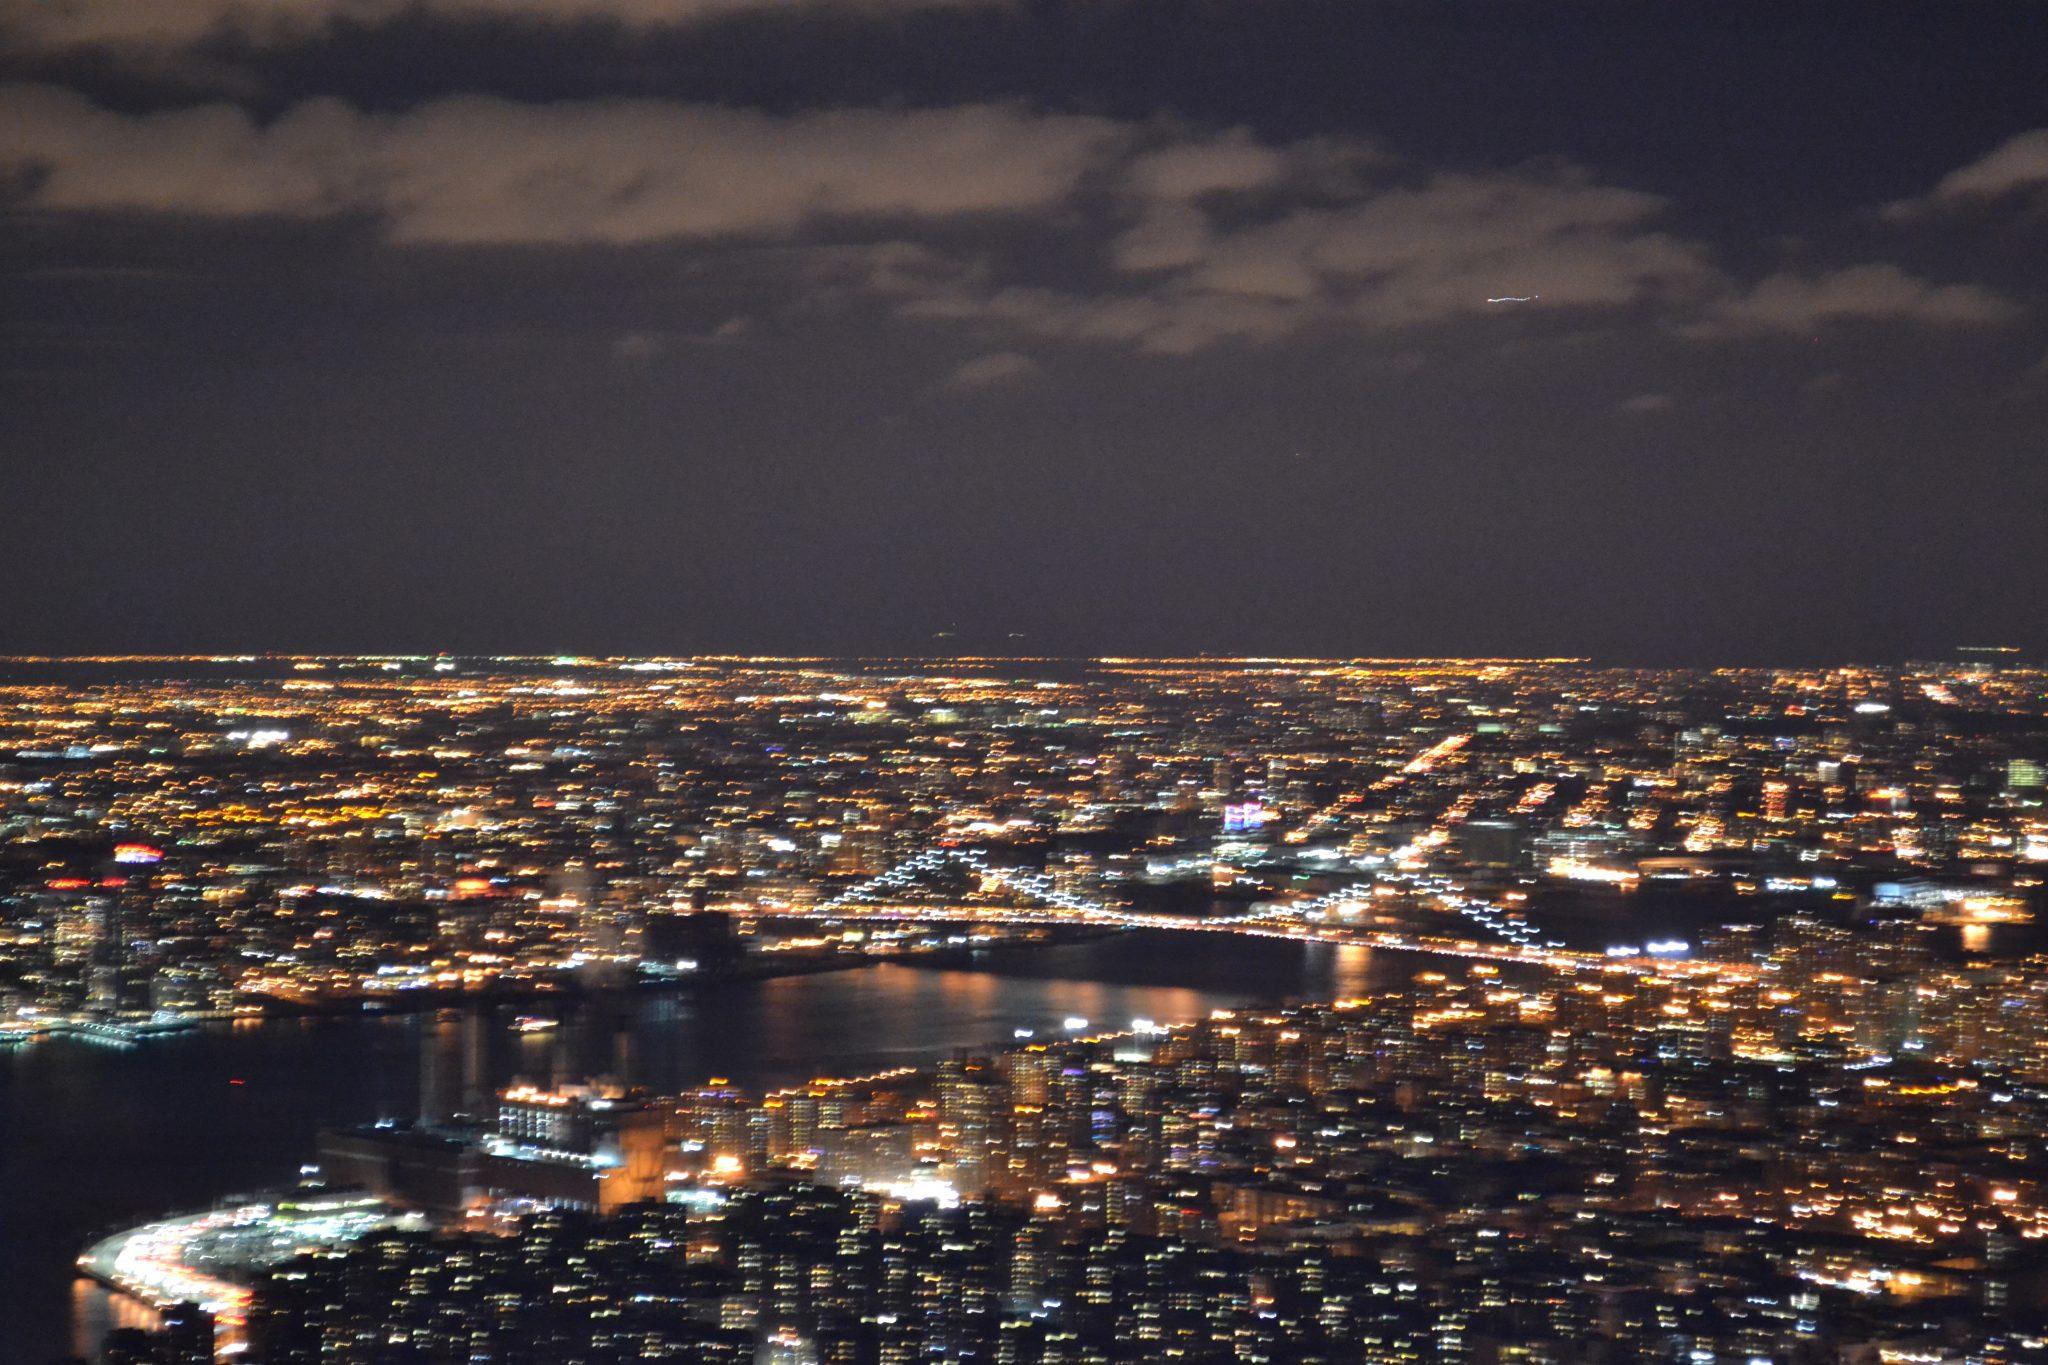 Eine Woche in New York: Rockefeller Center & Empire State Building - dsc 0253